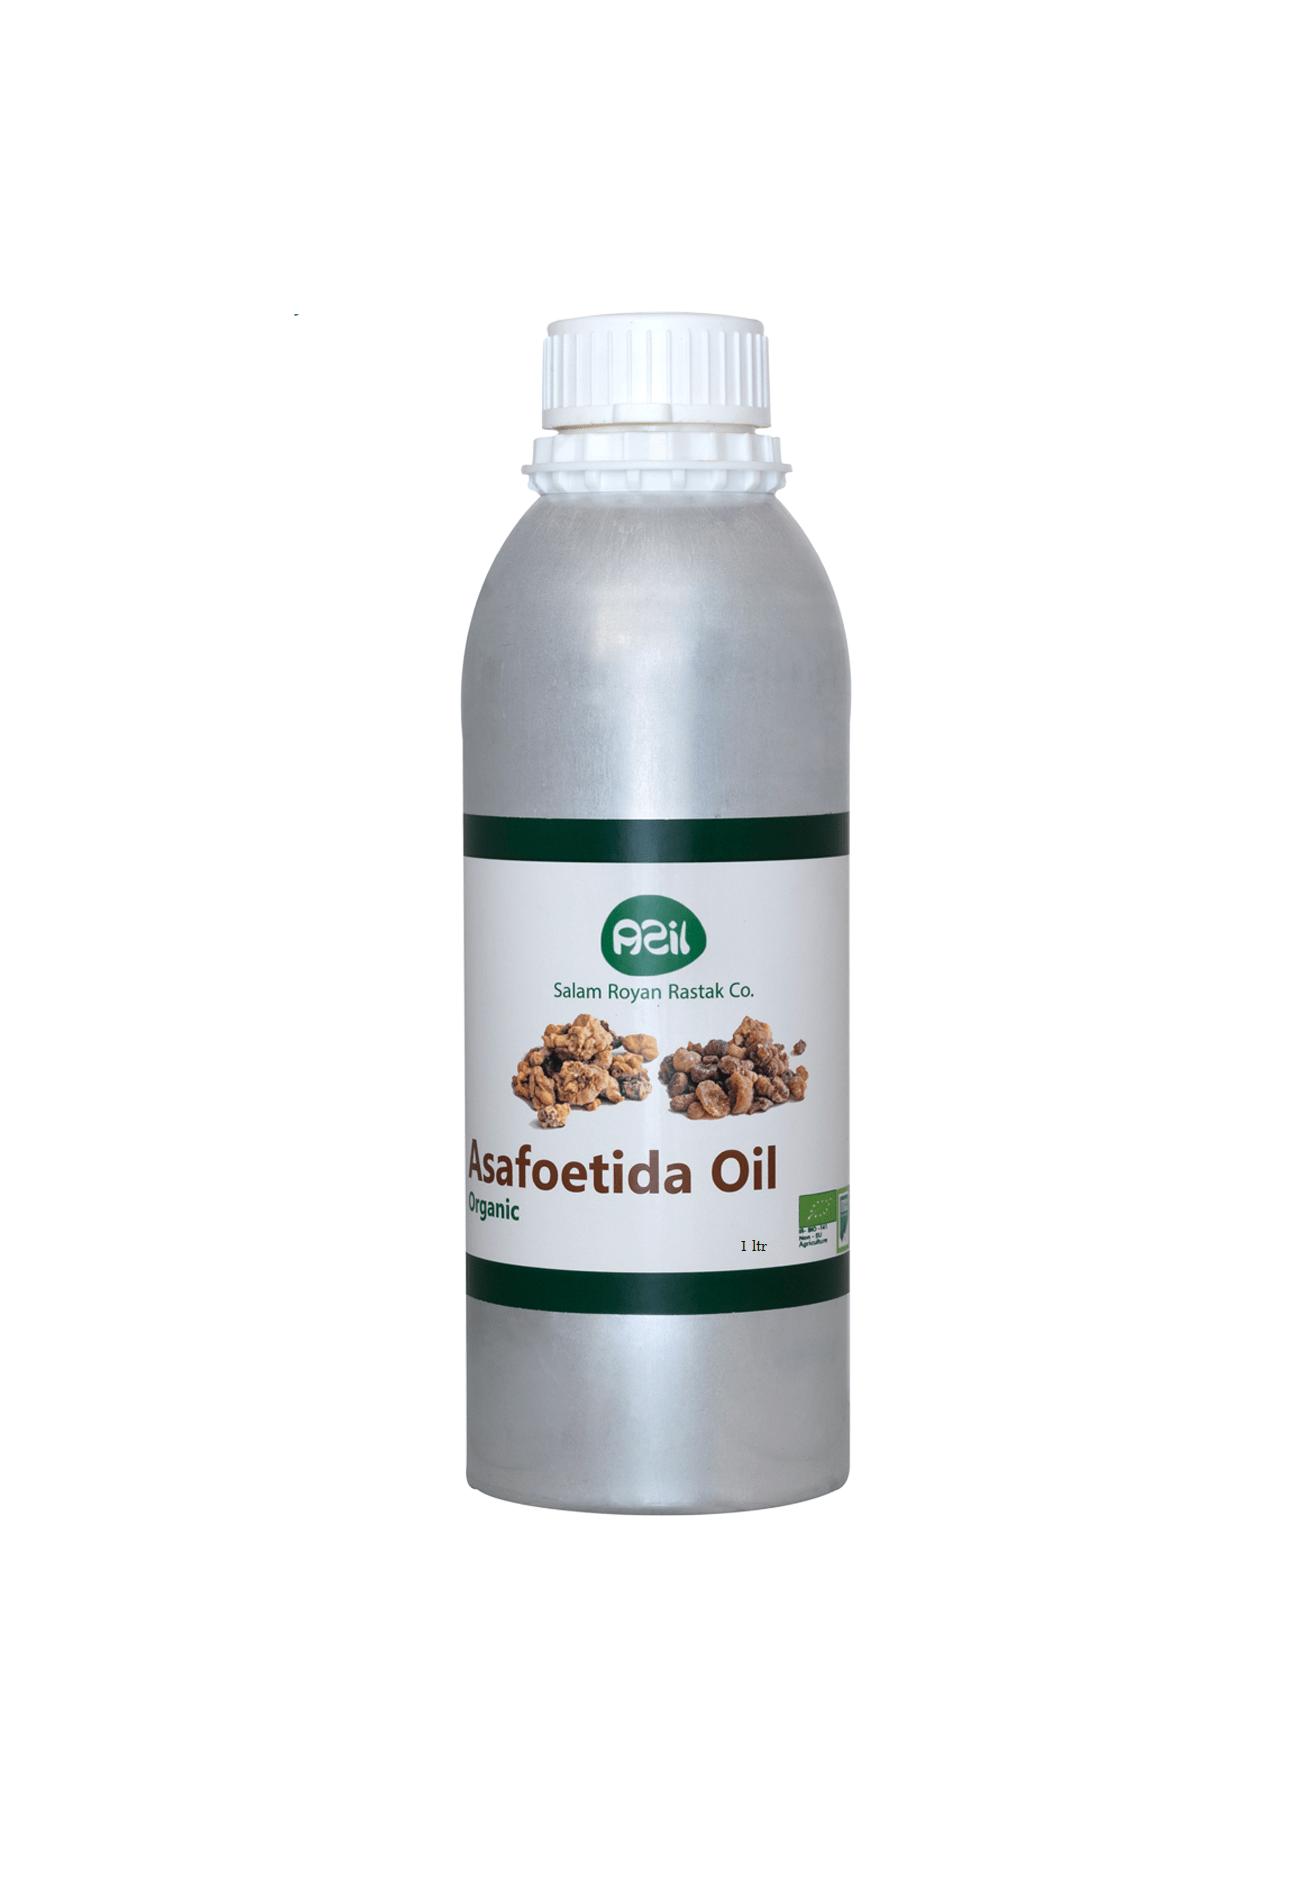 Asafoetida Oil 1 1 - Azil Organic Asafoetida Oil